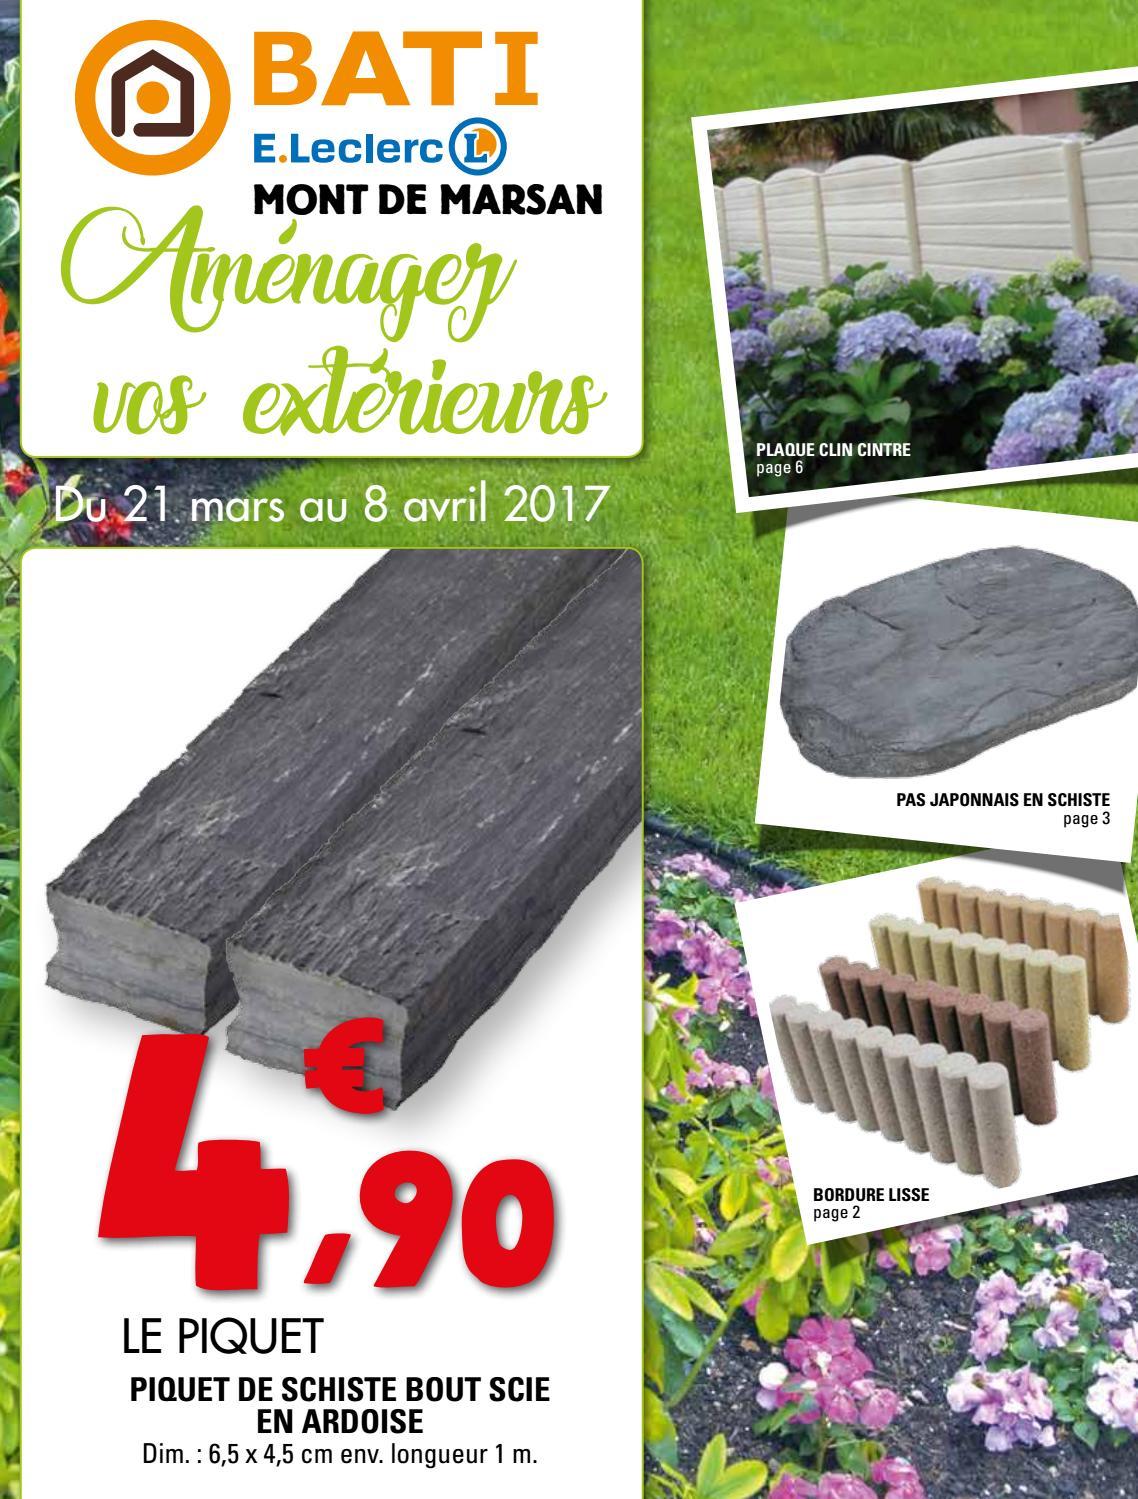 Dalle Ardoise 100 X 30 amenagement jardinbakana media agence digitale - issuu